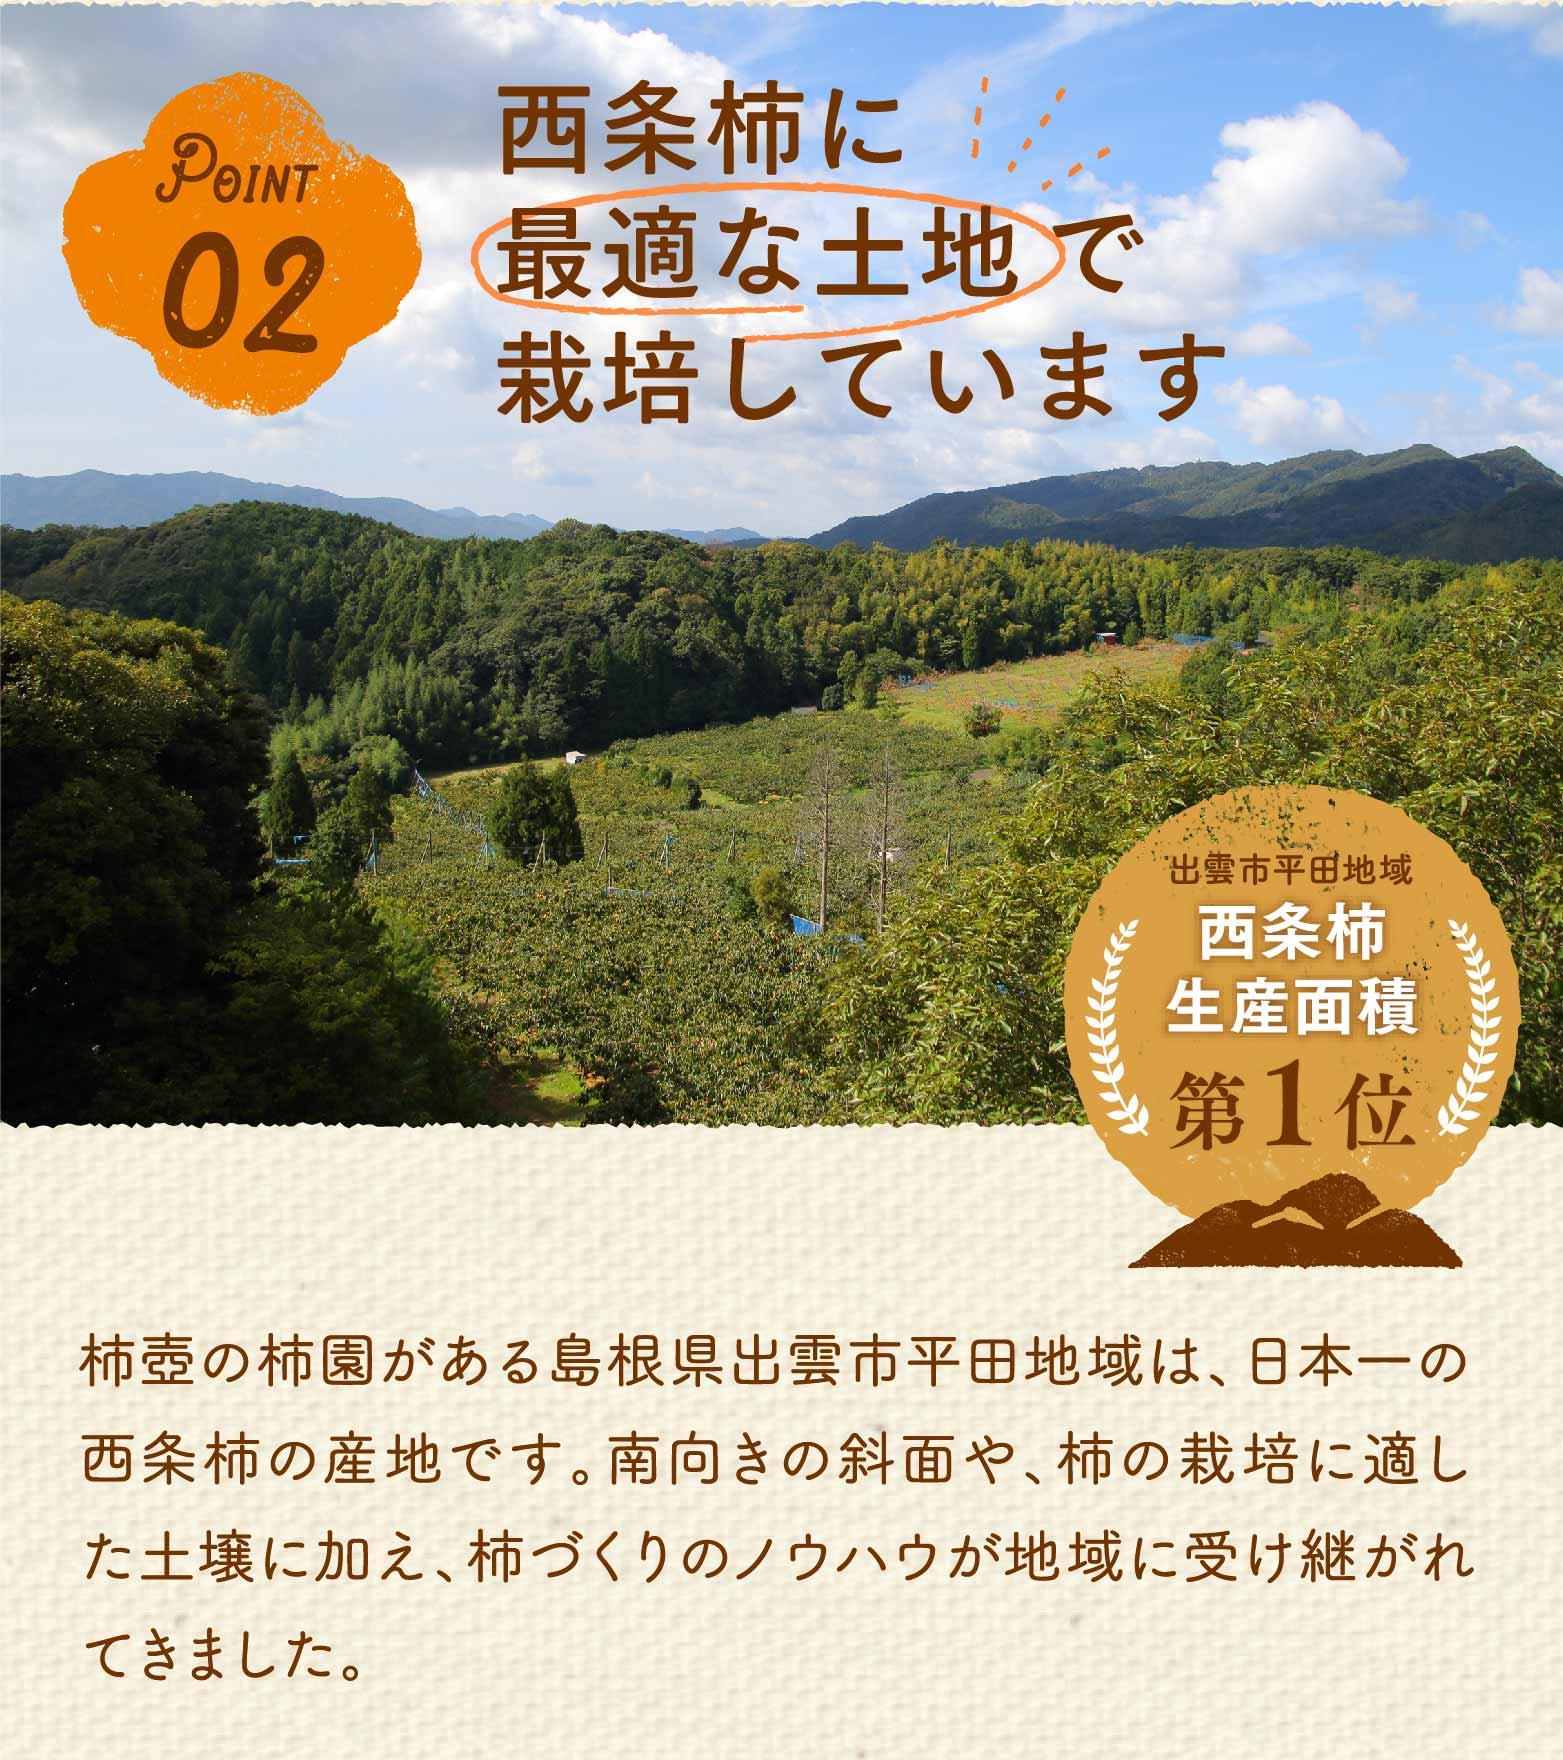 ポイント2。西条柿に最適な土地で栽培しています。出雲市平田地域は、西条柿の生産面積が日本1位です。柿壺の柿園がある島根県出雲市平田地域は、日本一の西条柿の産地です。南向きの斜面や、柿の栽培に適した土壌に加え、柿づくりのノウハウが地域に受け継がれてきました。